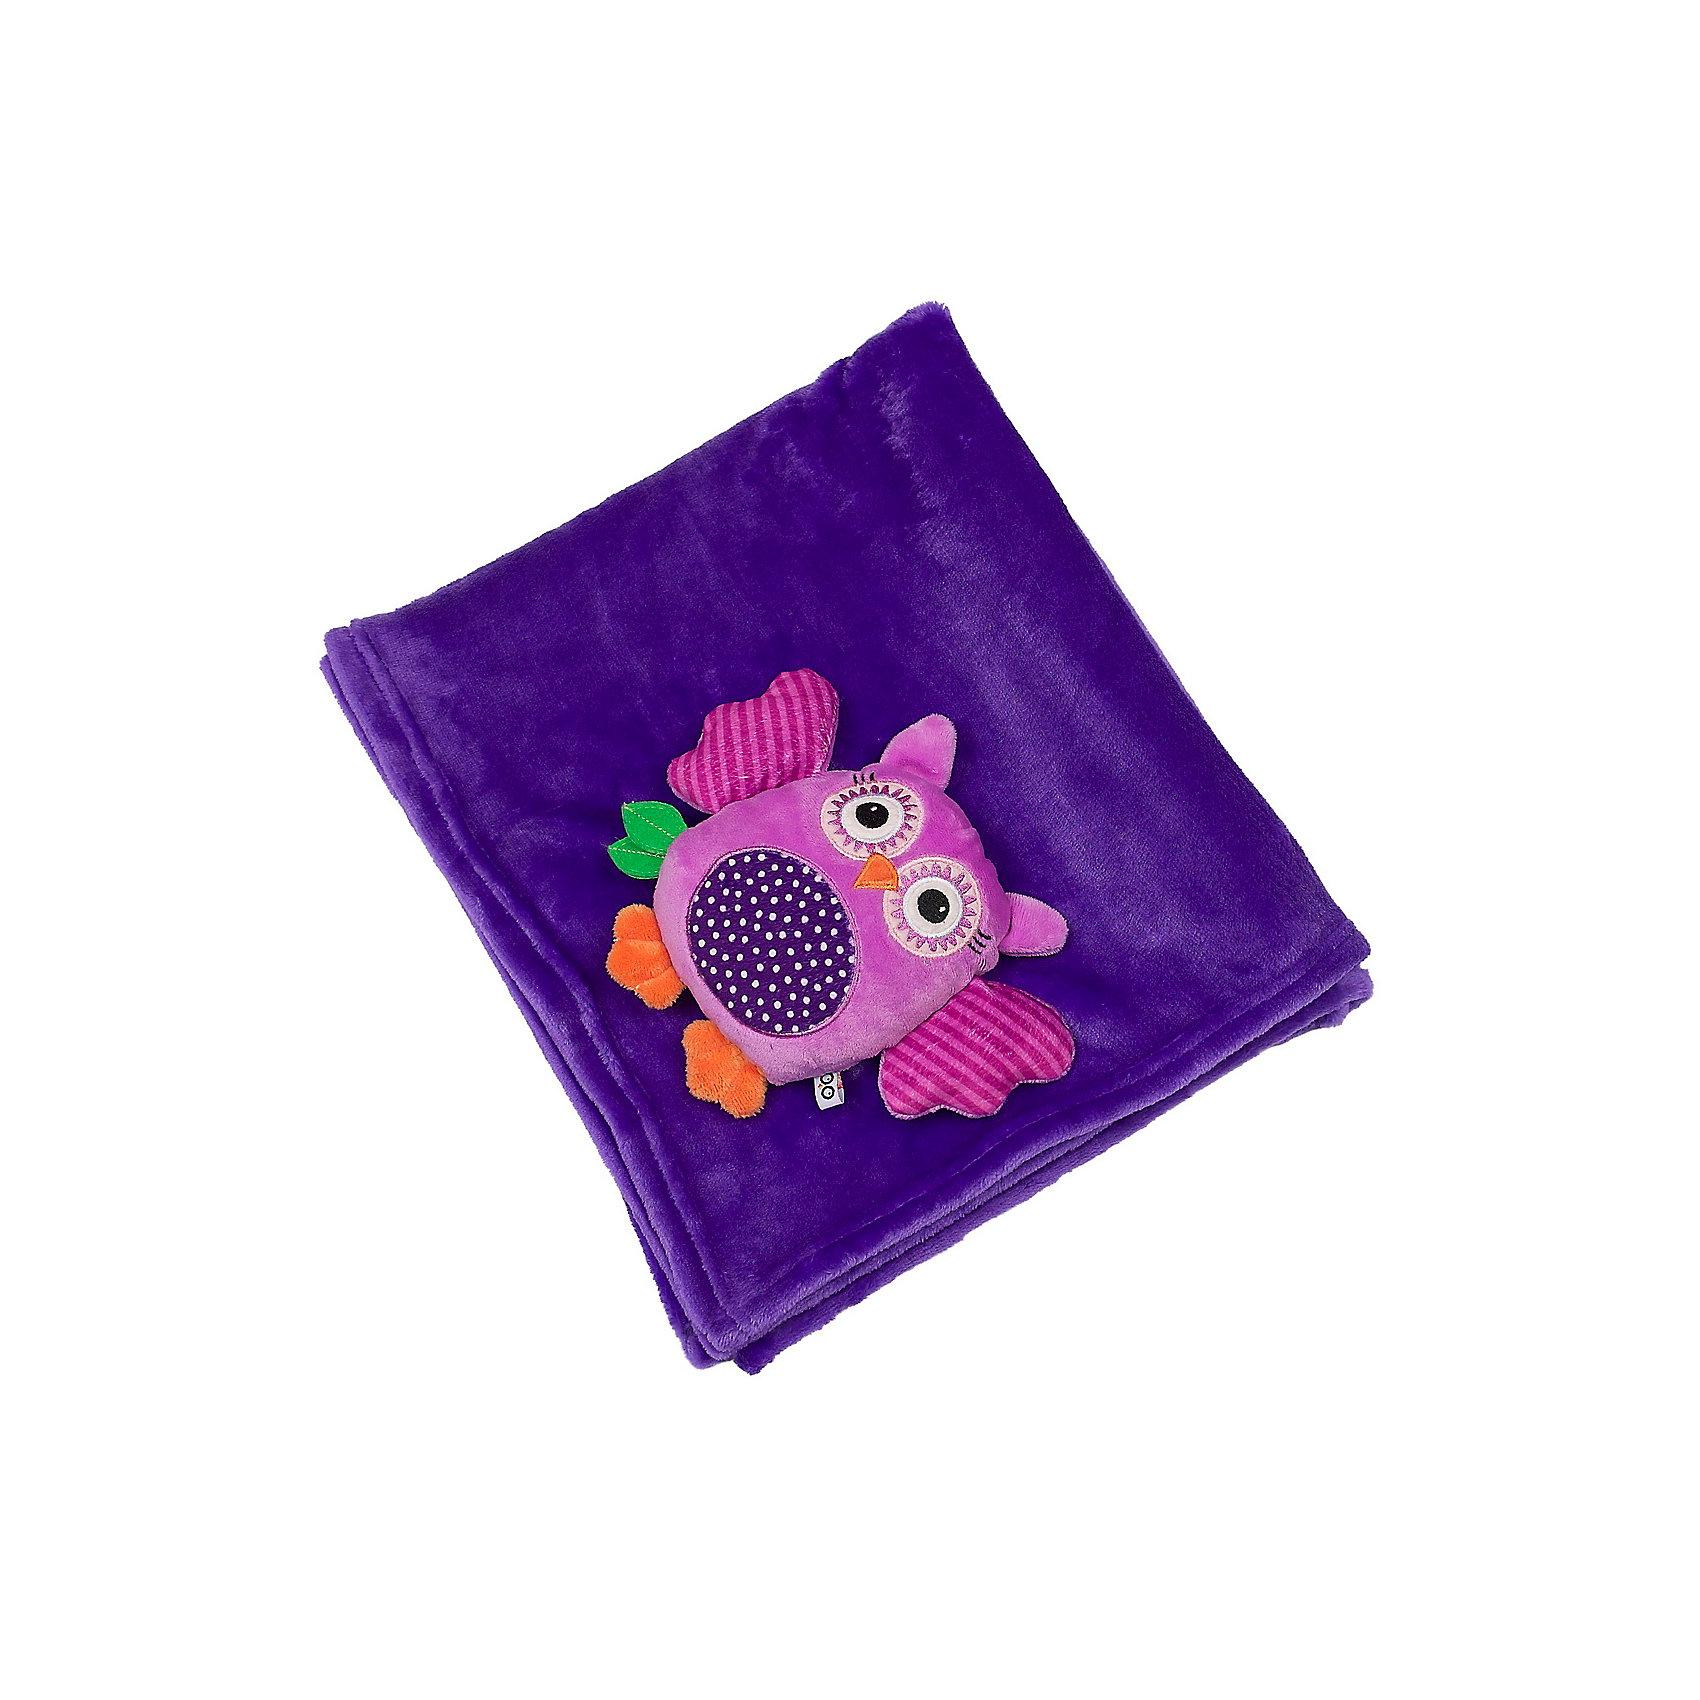 Одеяло с игрушкой Сова, Zoocchini, фиолетовыйОдеяла, пледы<br>Одеяло с игрушкой Сова, фиолетовый от американского бренда Zoocchini (Зукинни) поможет в оформлении интерьера детской комнаты и приведет в восторг вашего ребенка. Яркий фиолетовый цвет одеяла и мягкая подружка Сова Олив на уголке будут радовать глаз и развлекать, а нежная плюшевая ткань очень приятна на ощупь и подарить тепло и комфорт маленькому крохе. Одеяло можно брать с собой на природу, в машину или в коляску во время прогулки прохладным вечером. <br>Дополнительная информация:<br>- Состав: 100% полиэстер<br>- Размер: 68,5 * 99 см.<br>Одеяло с игрушкой Сова, фиолетовый Zoocchini(Зукини) можно купить в нашем интернет-магазине.<br>Подробнее:<br>• Для детей в возрасте: от 0 до 3 лет<br><br>• Номер товара: 4976013<br>Страна производитель: Китай<br><br>Ширина мм: 255<br>Глубина мм: 75<br>Высота мм: 255<br>Вес г: 418<br>Возраст от месяцев: 0<br>Возраст до месяцев: 36<br>Пол: Унисекс<br>Возраст: Детский<br>SKU: 4976013